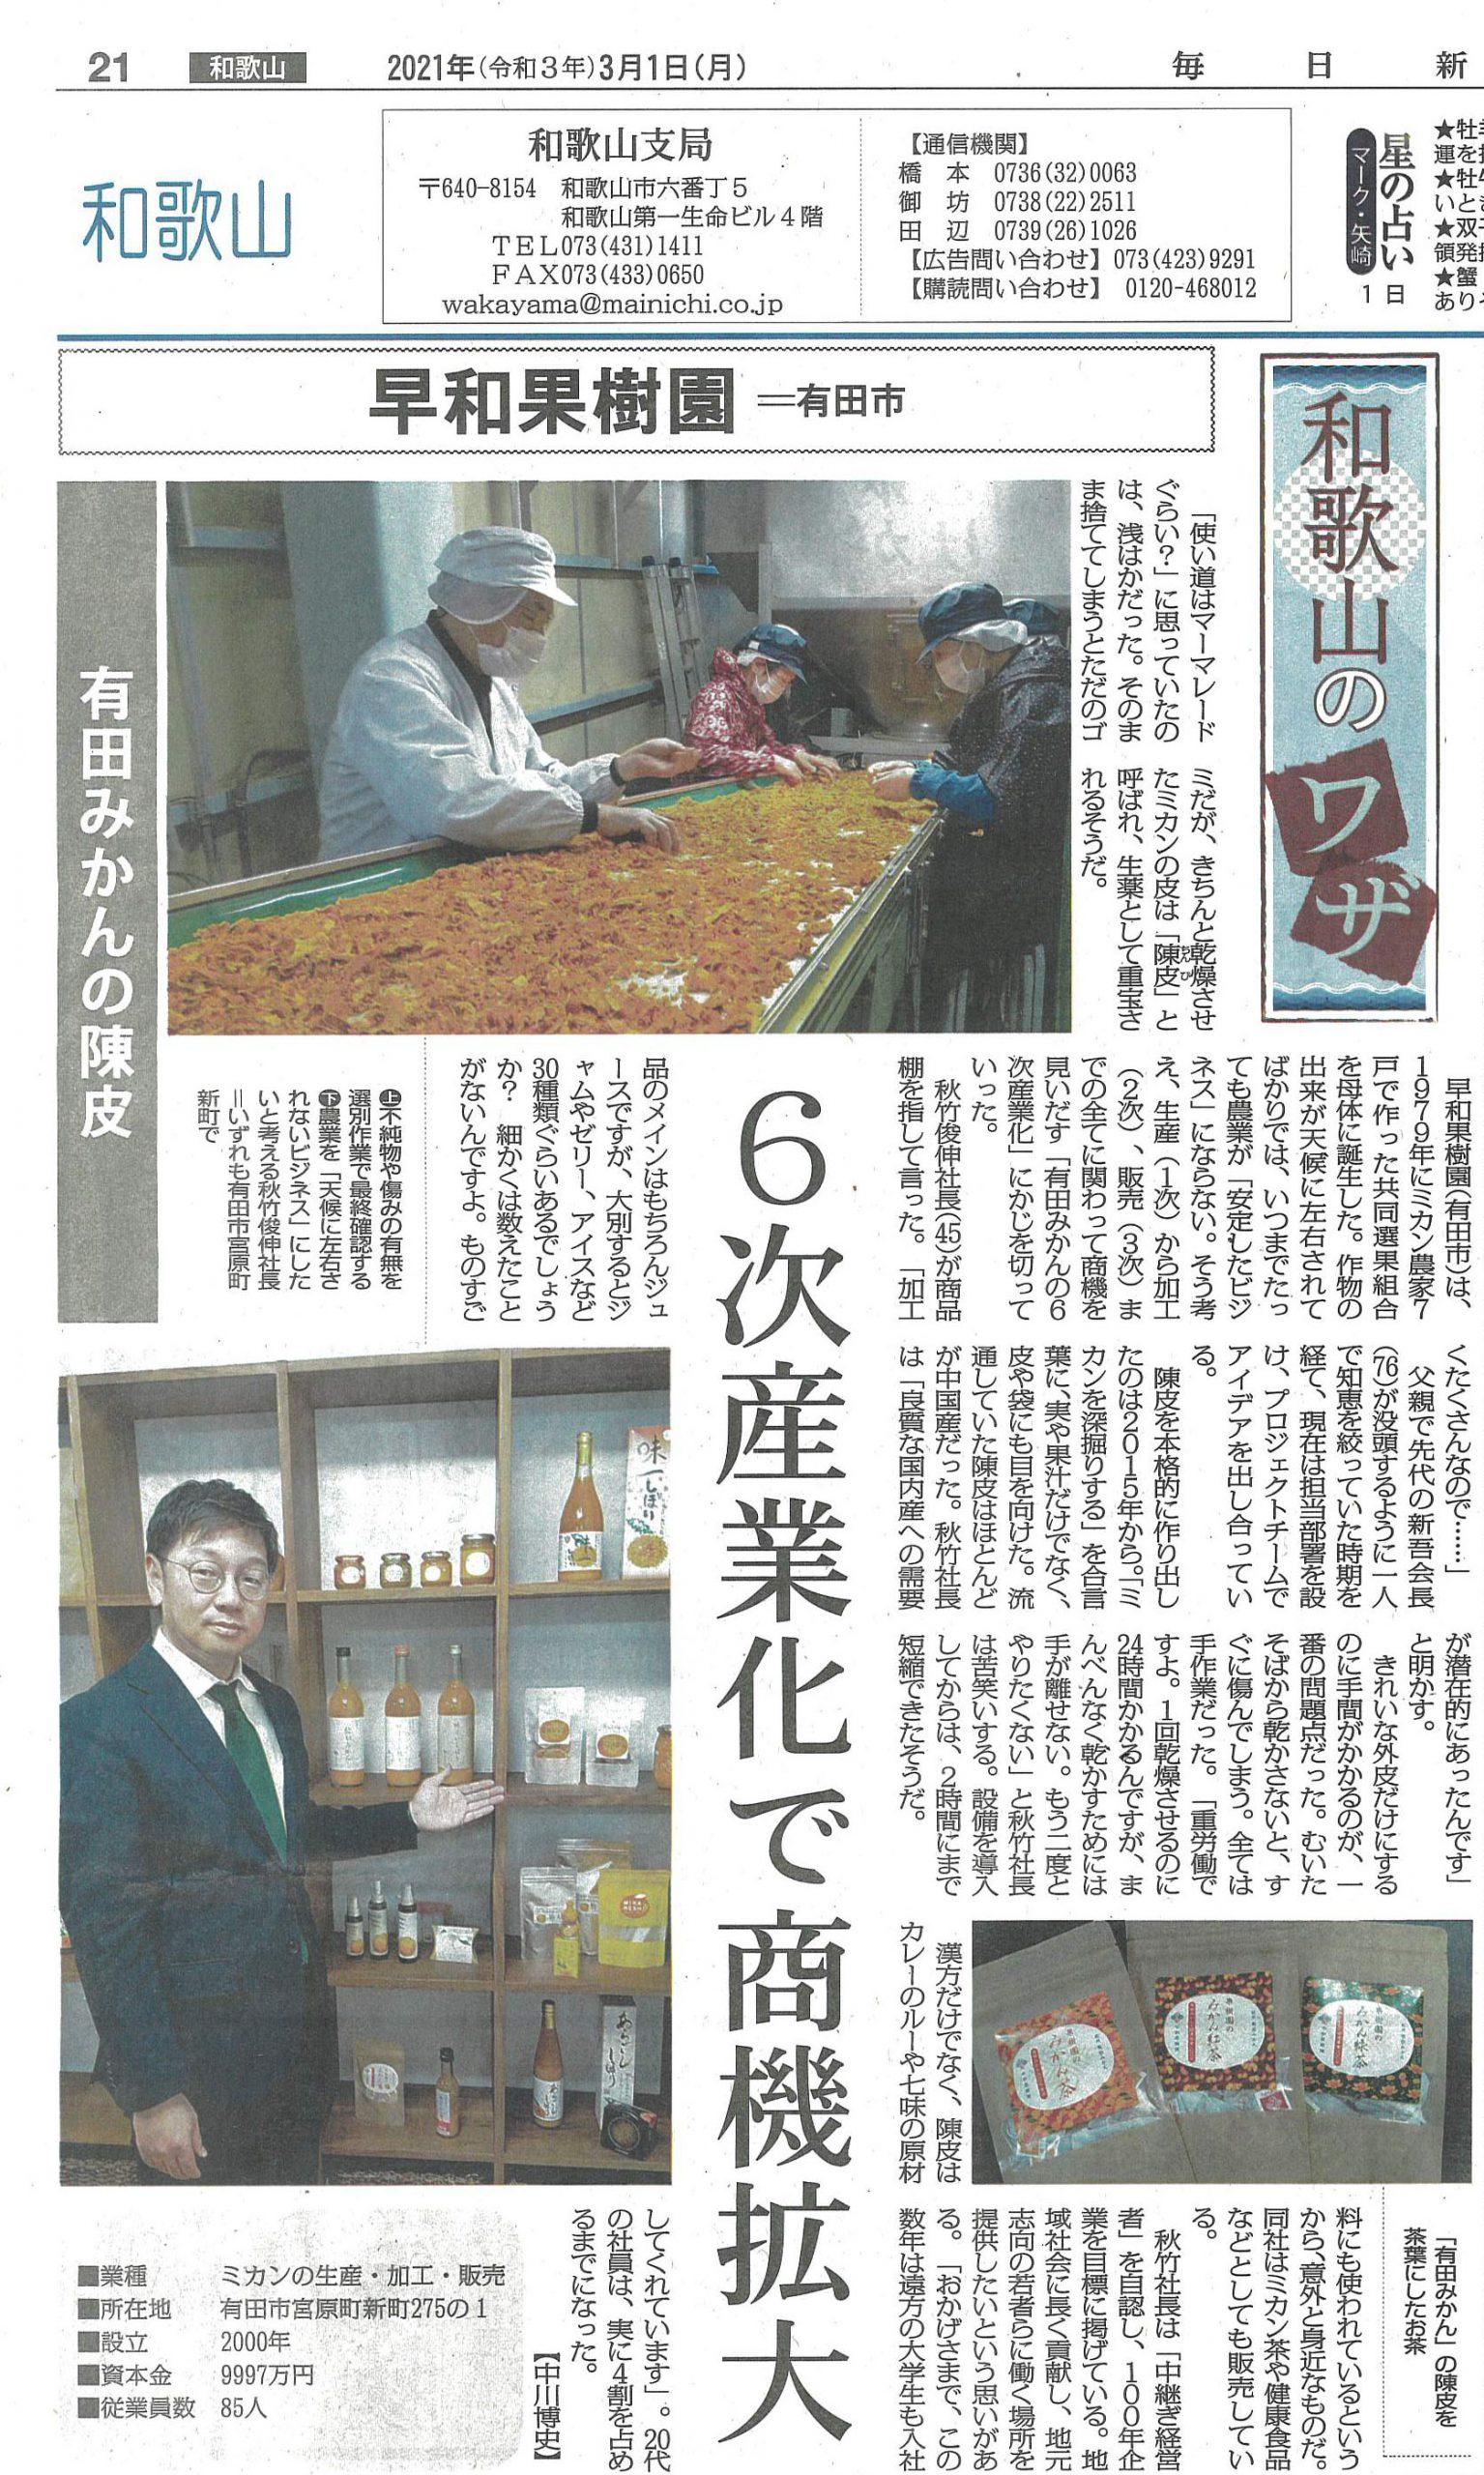 朝日新聞(2021年3月1日発行)にて早和果樹園の取り組みが紹介されました。